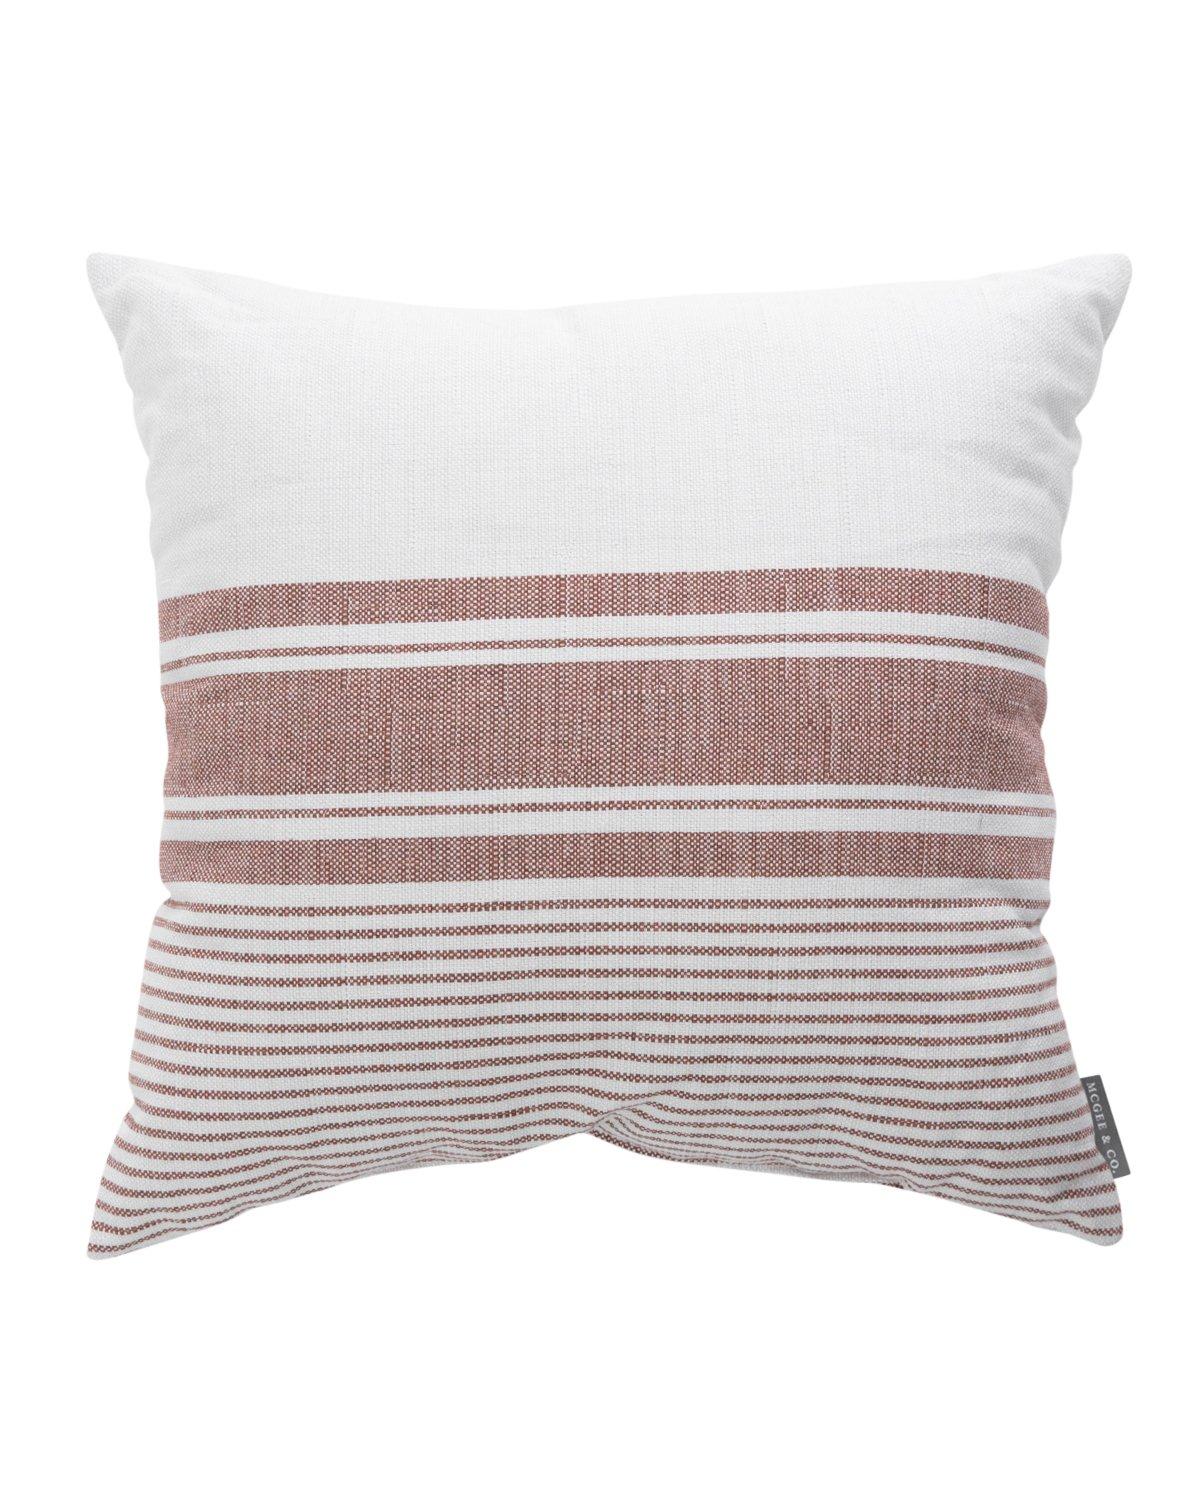 Sierra_Stripe_Indoor_Outdoor_Pillow1_5f0fb5ce-7a66-46fe-b9a7-d41b5f0d49af.jpg